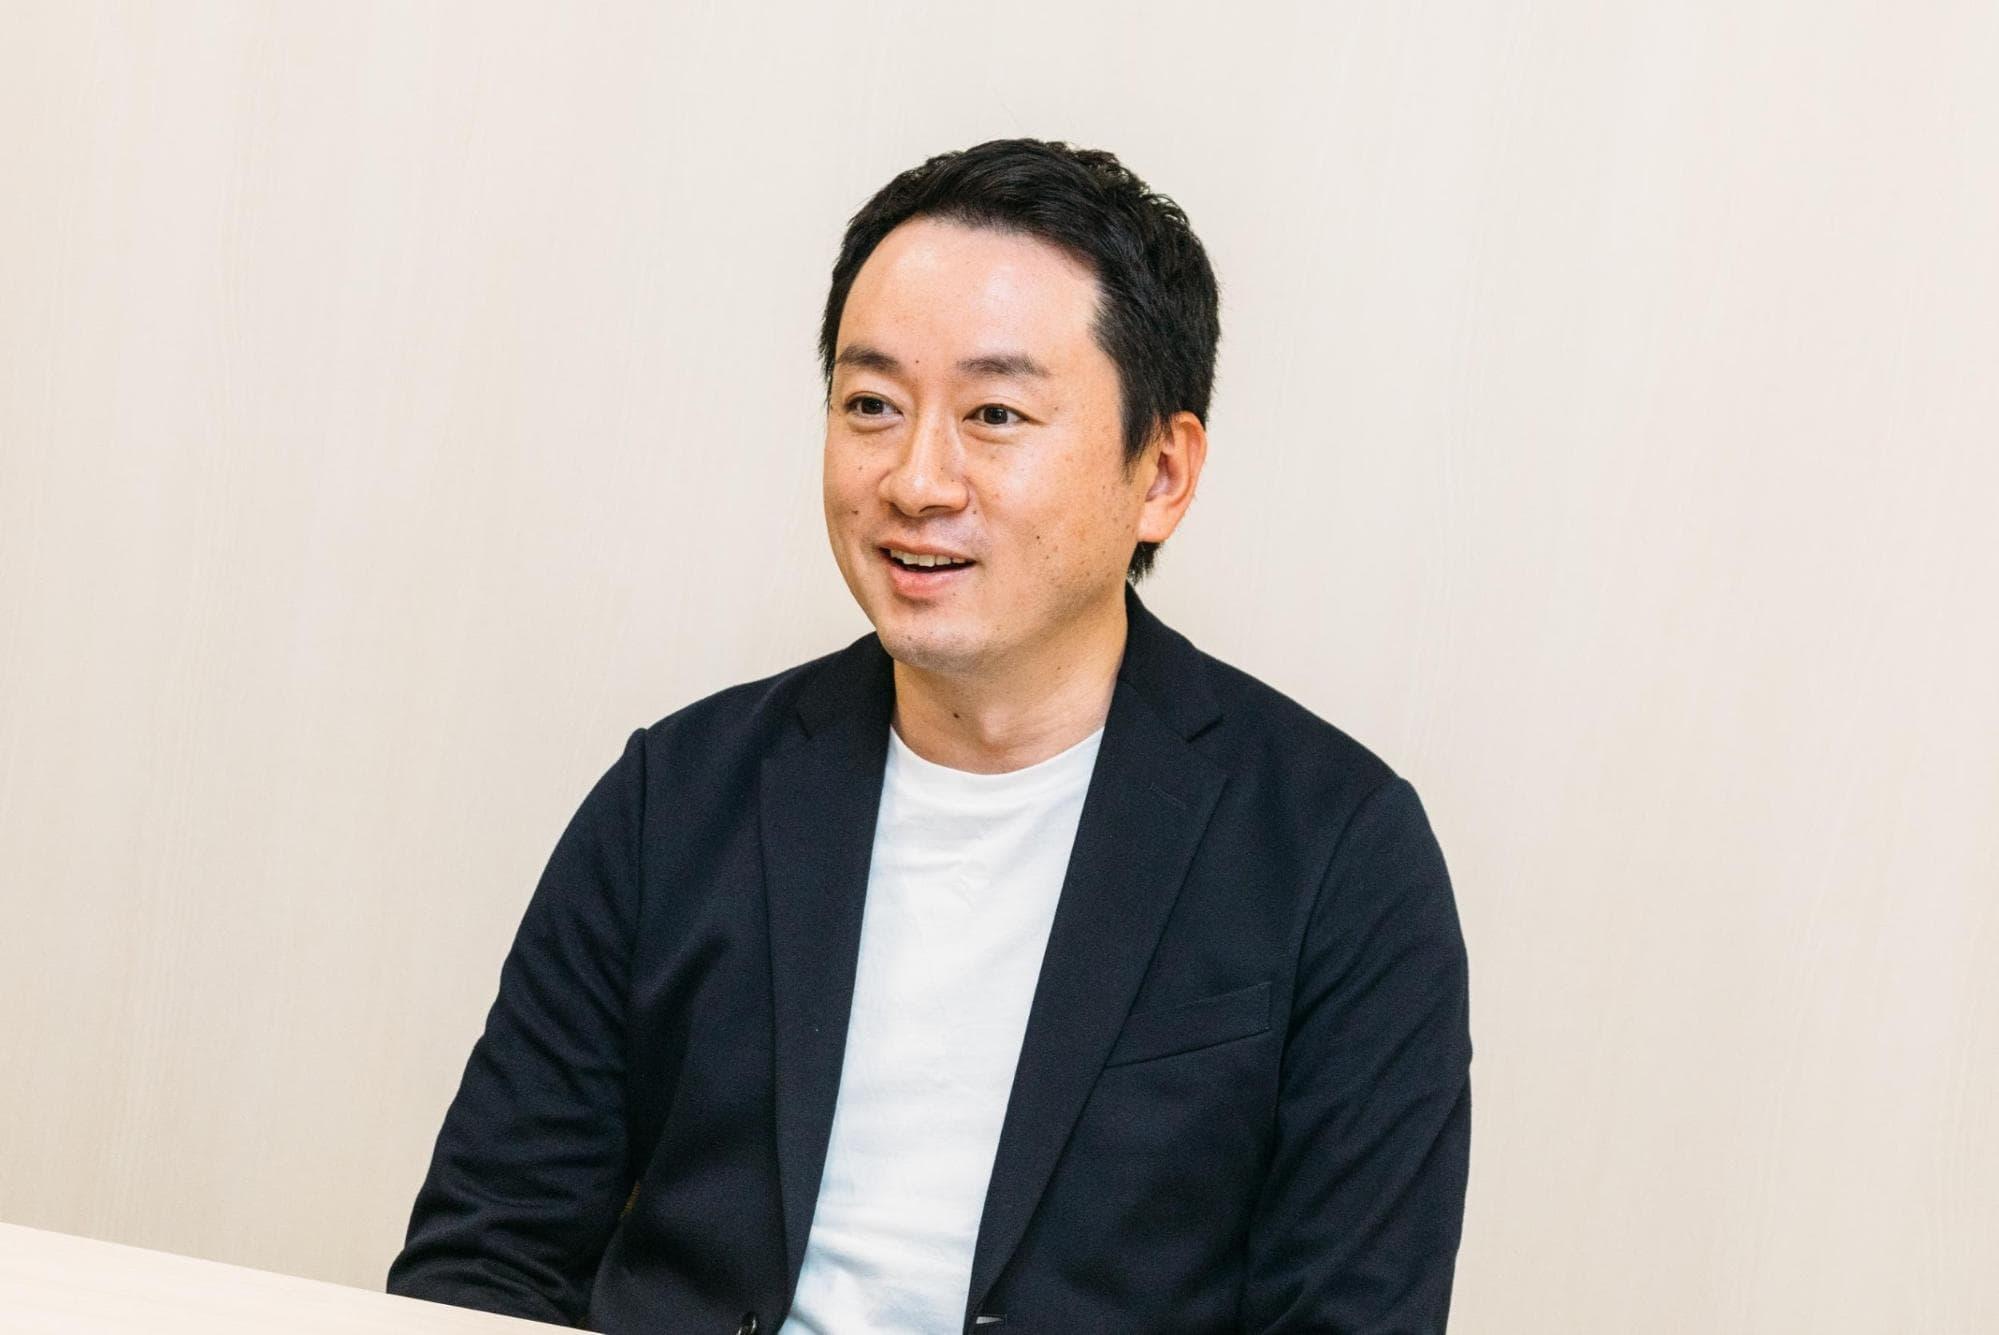 ユニファ代表取締役CEOの土岐氏